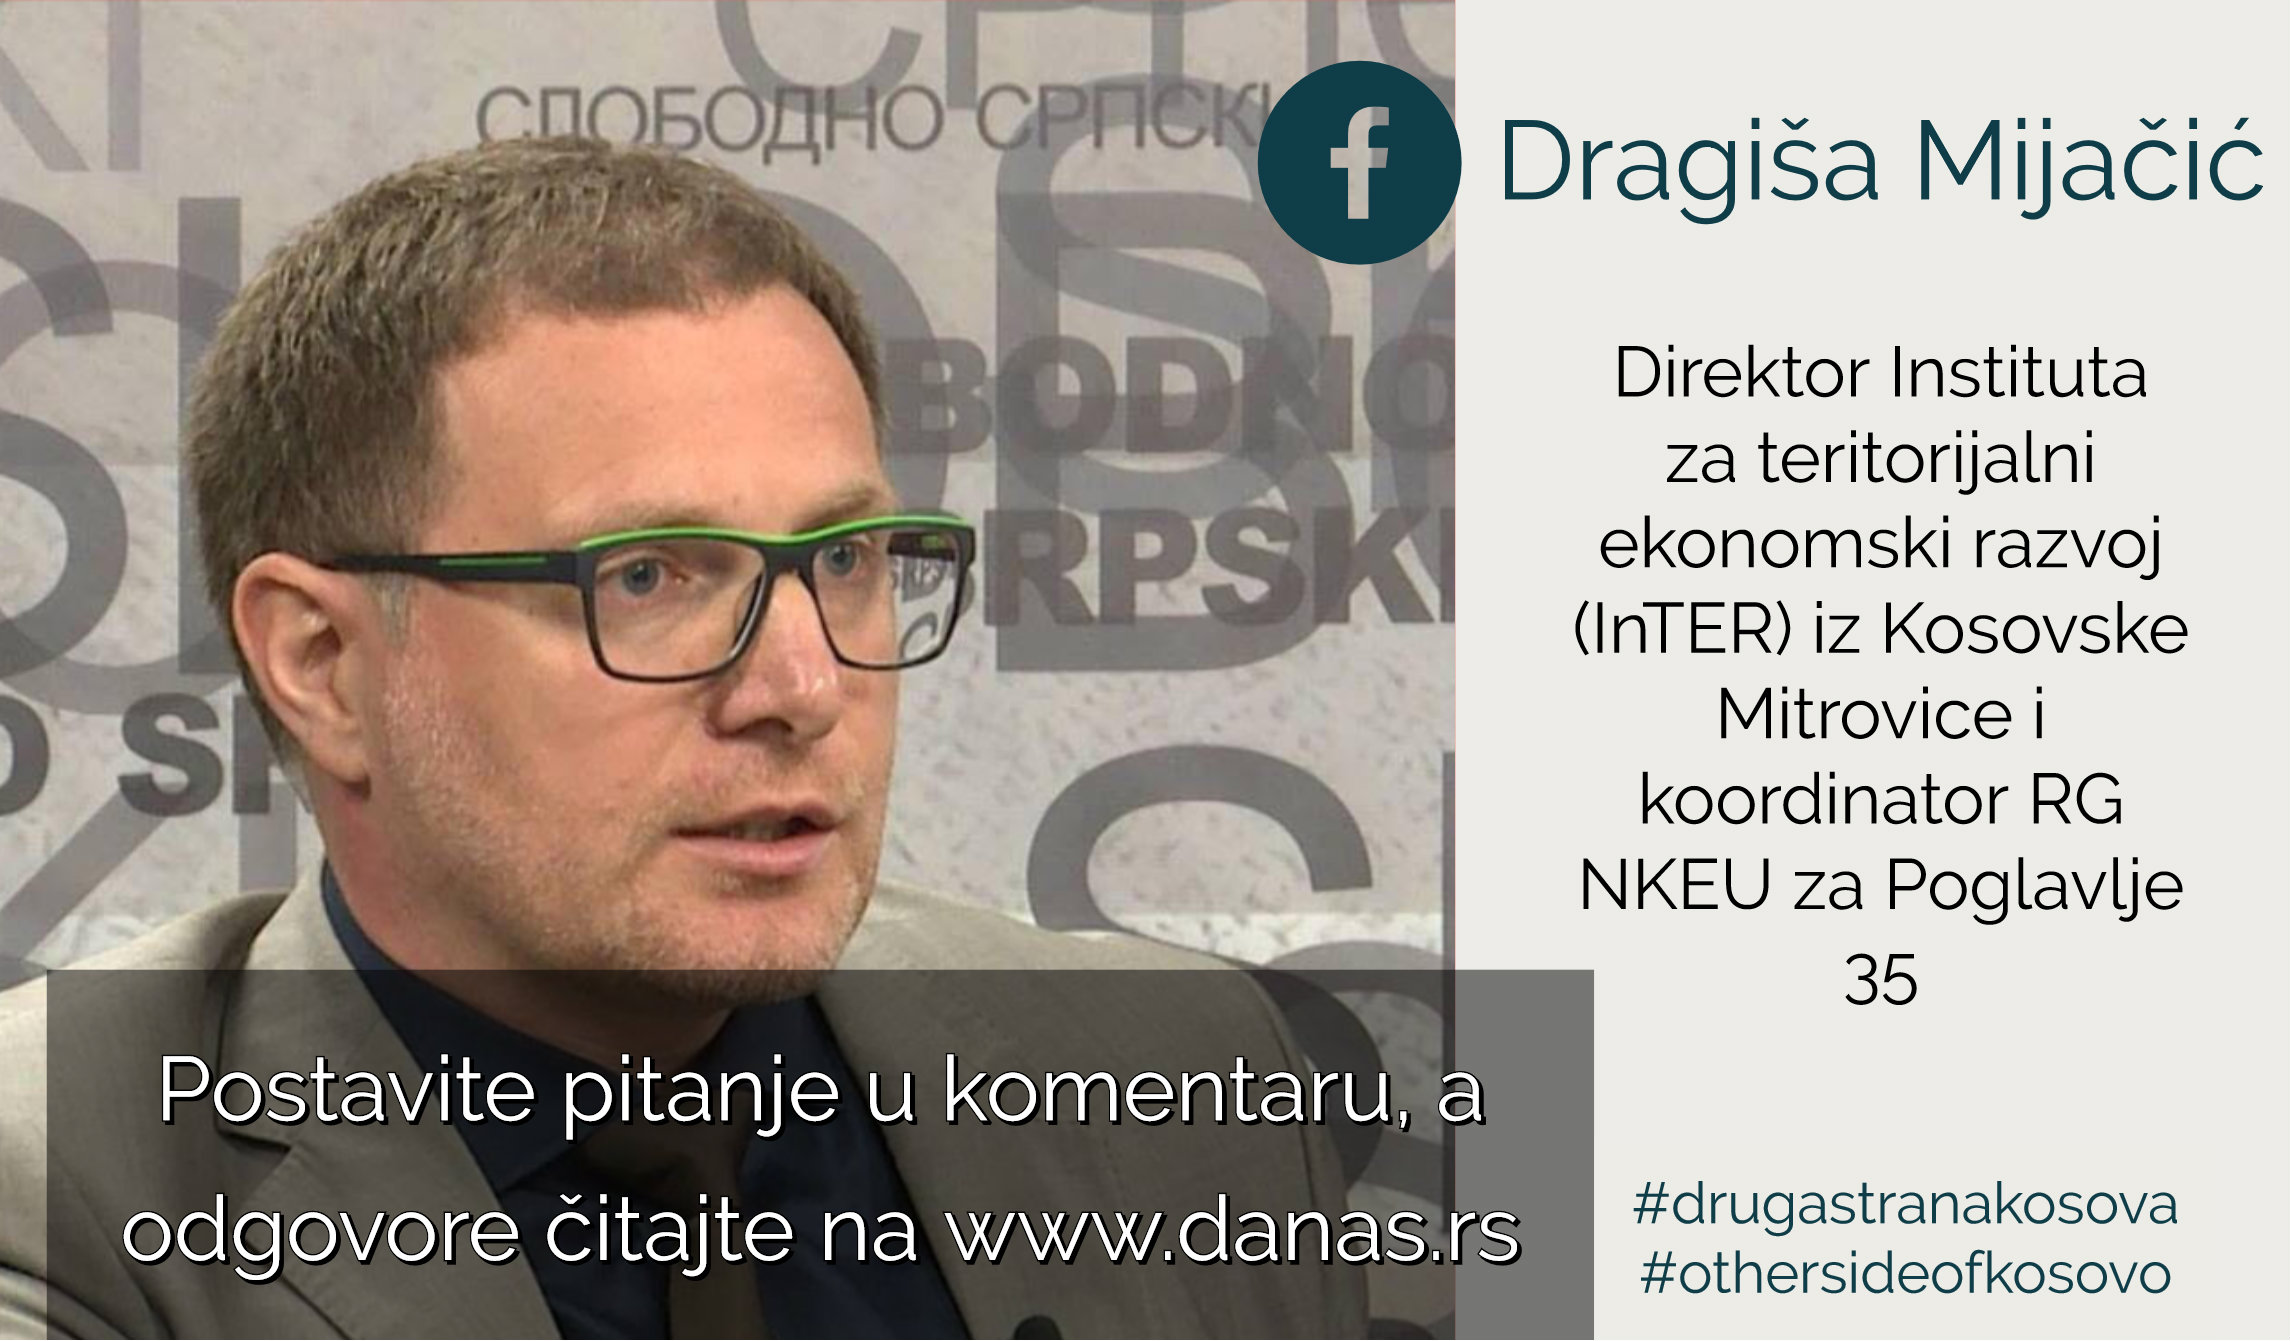 Političari iz Beograda i Prištine treba da promene način komunikacije 3